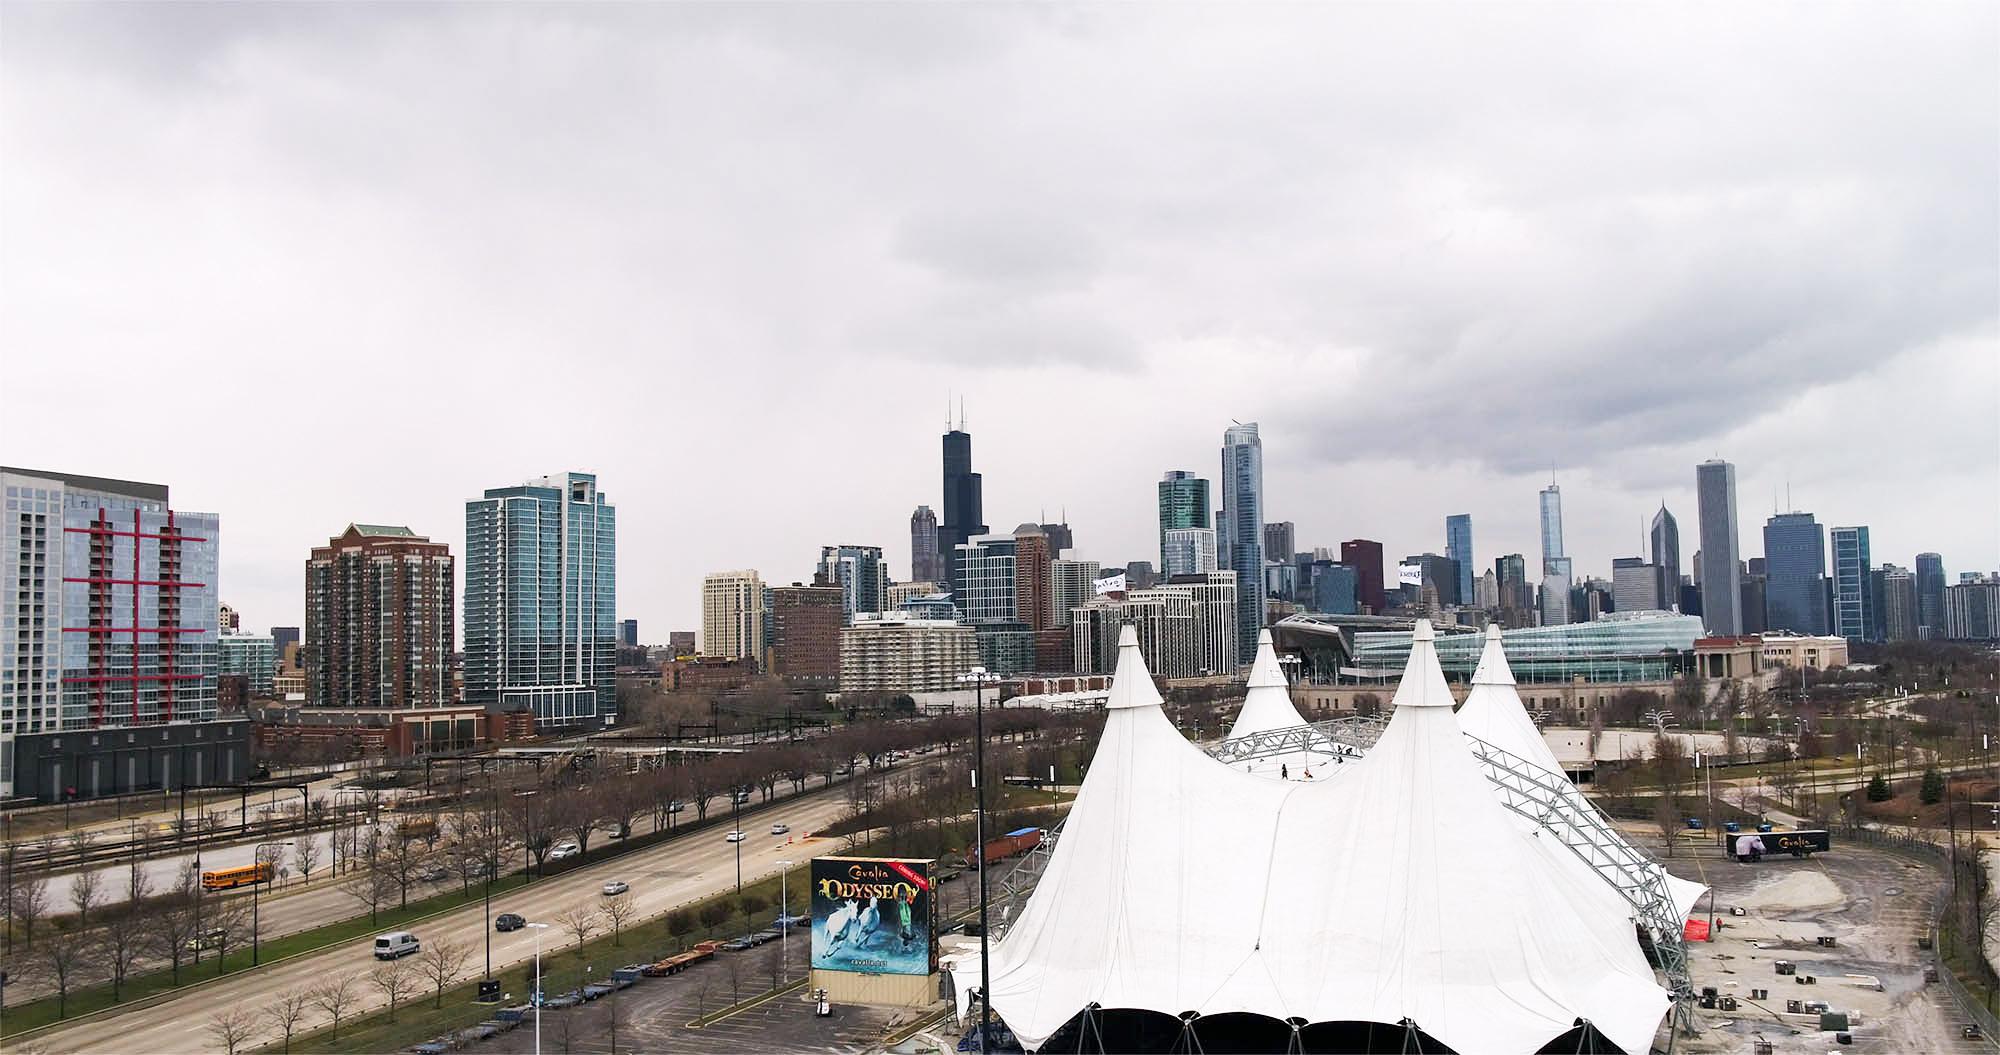 Le Grand Chapiteau Blanc de Odysseo est maintenant érigé à Chicago!